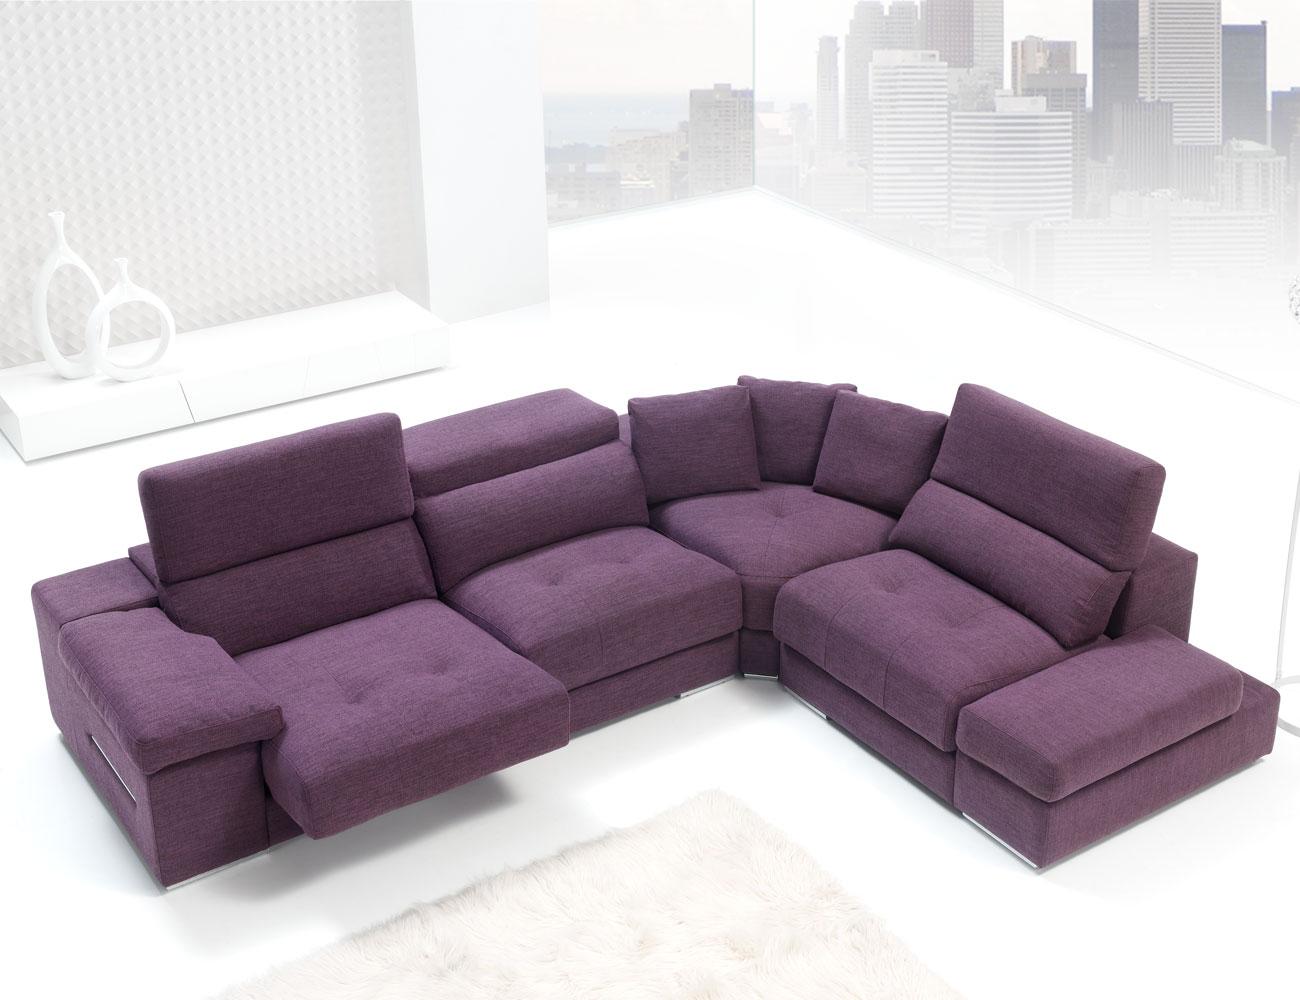 Sofa chaiselongue rincon con brazo mecanico tejido anti manchas 240